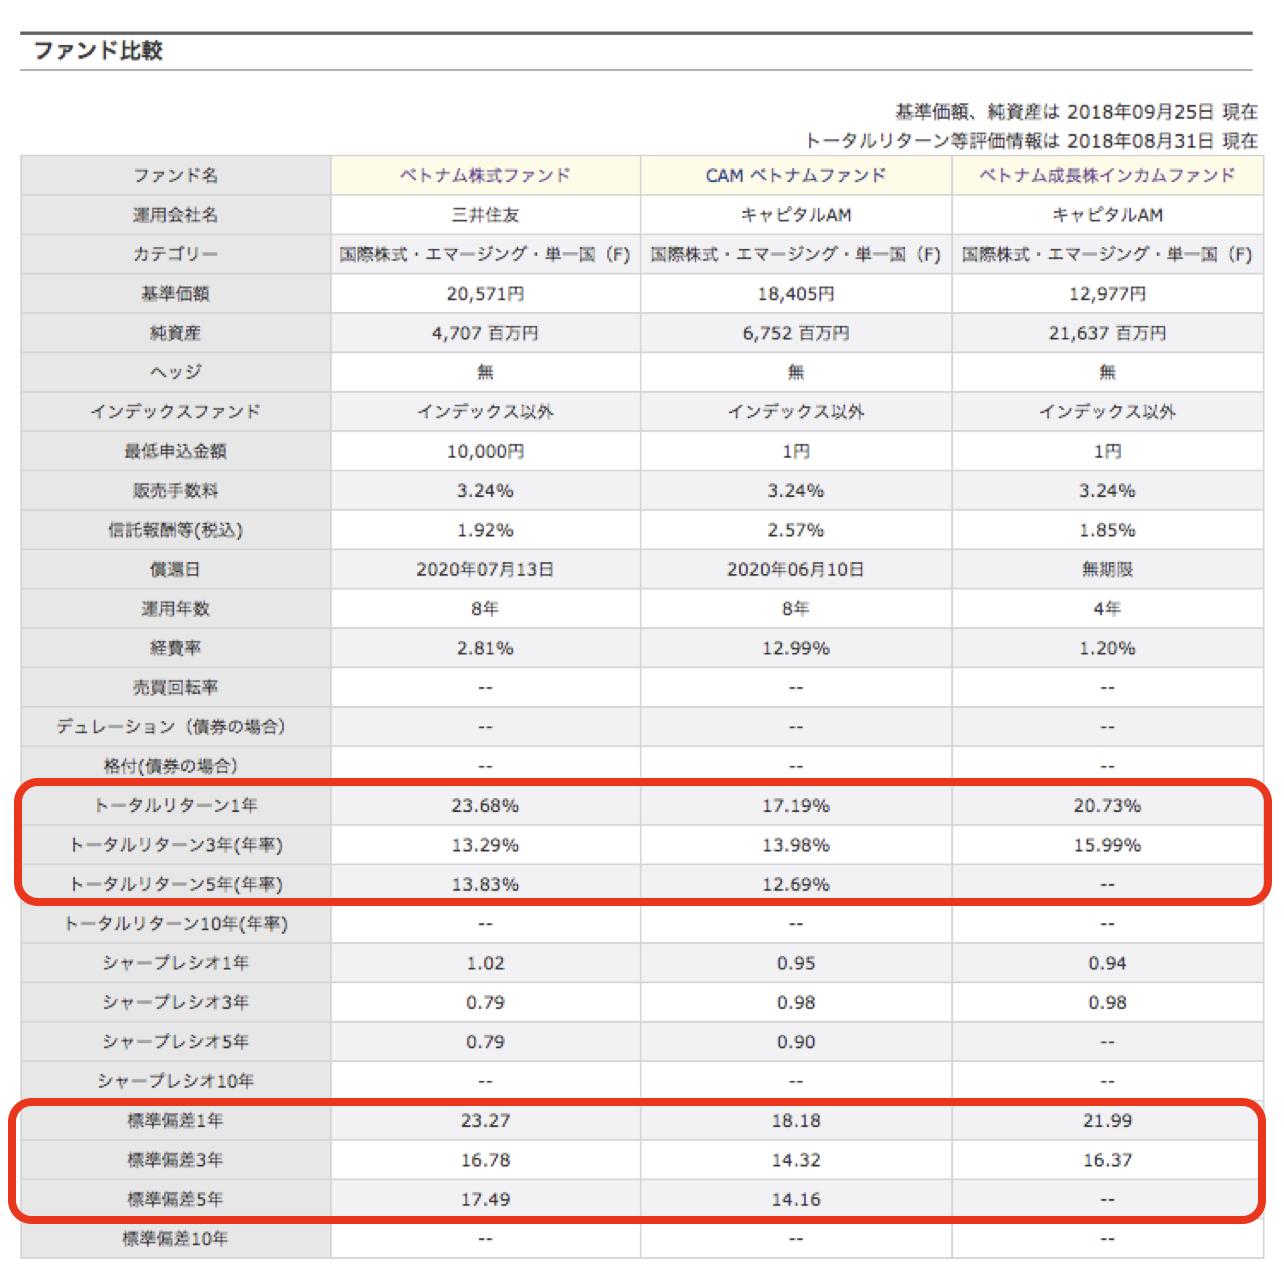 ベトナム株 式ファンド比較